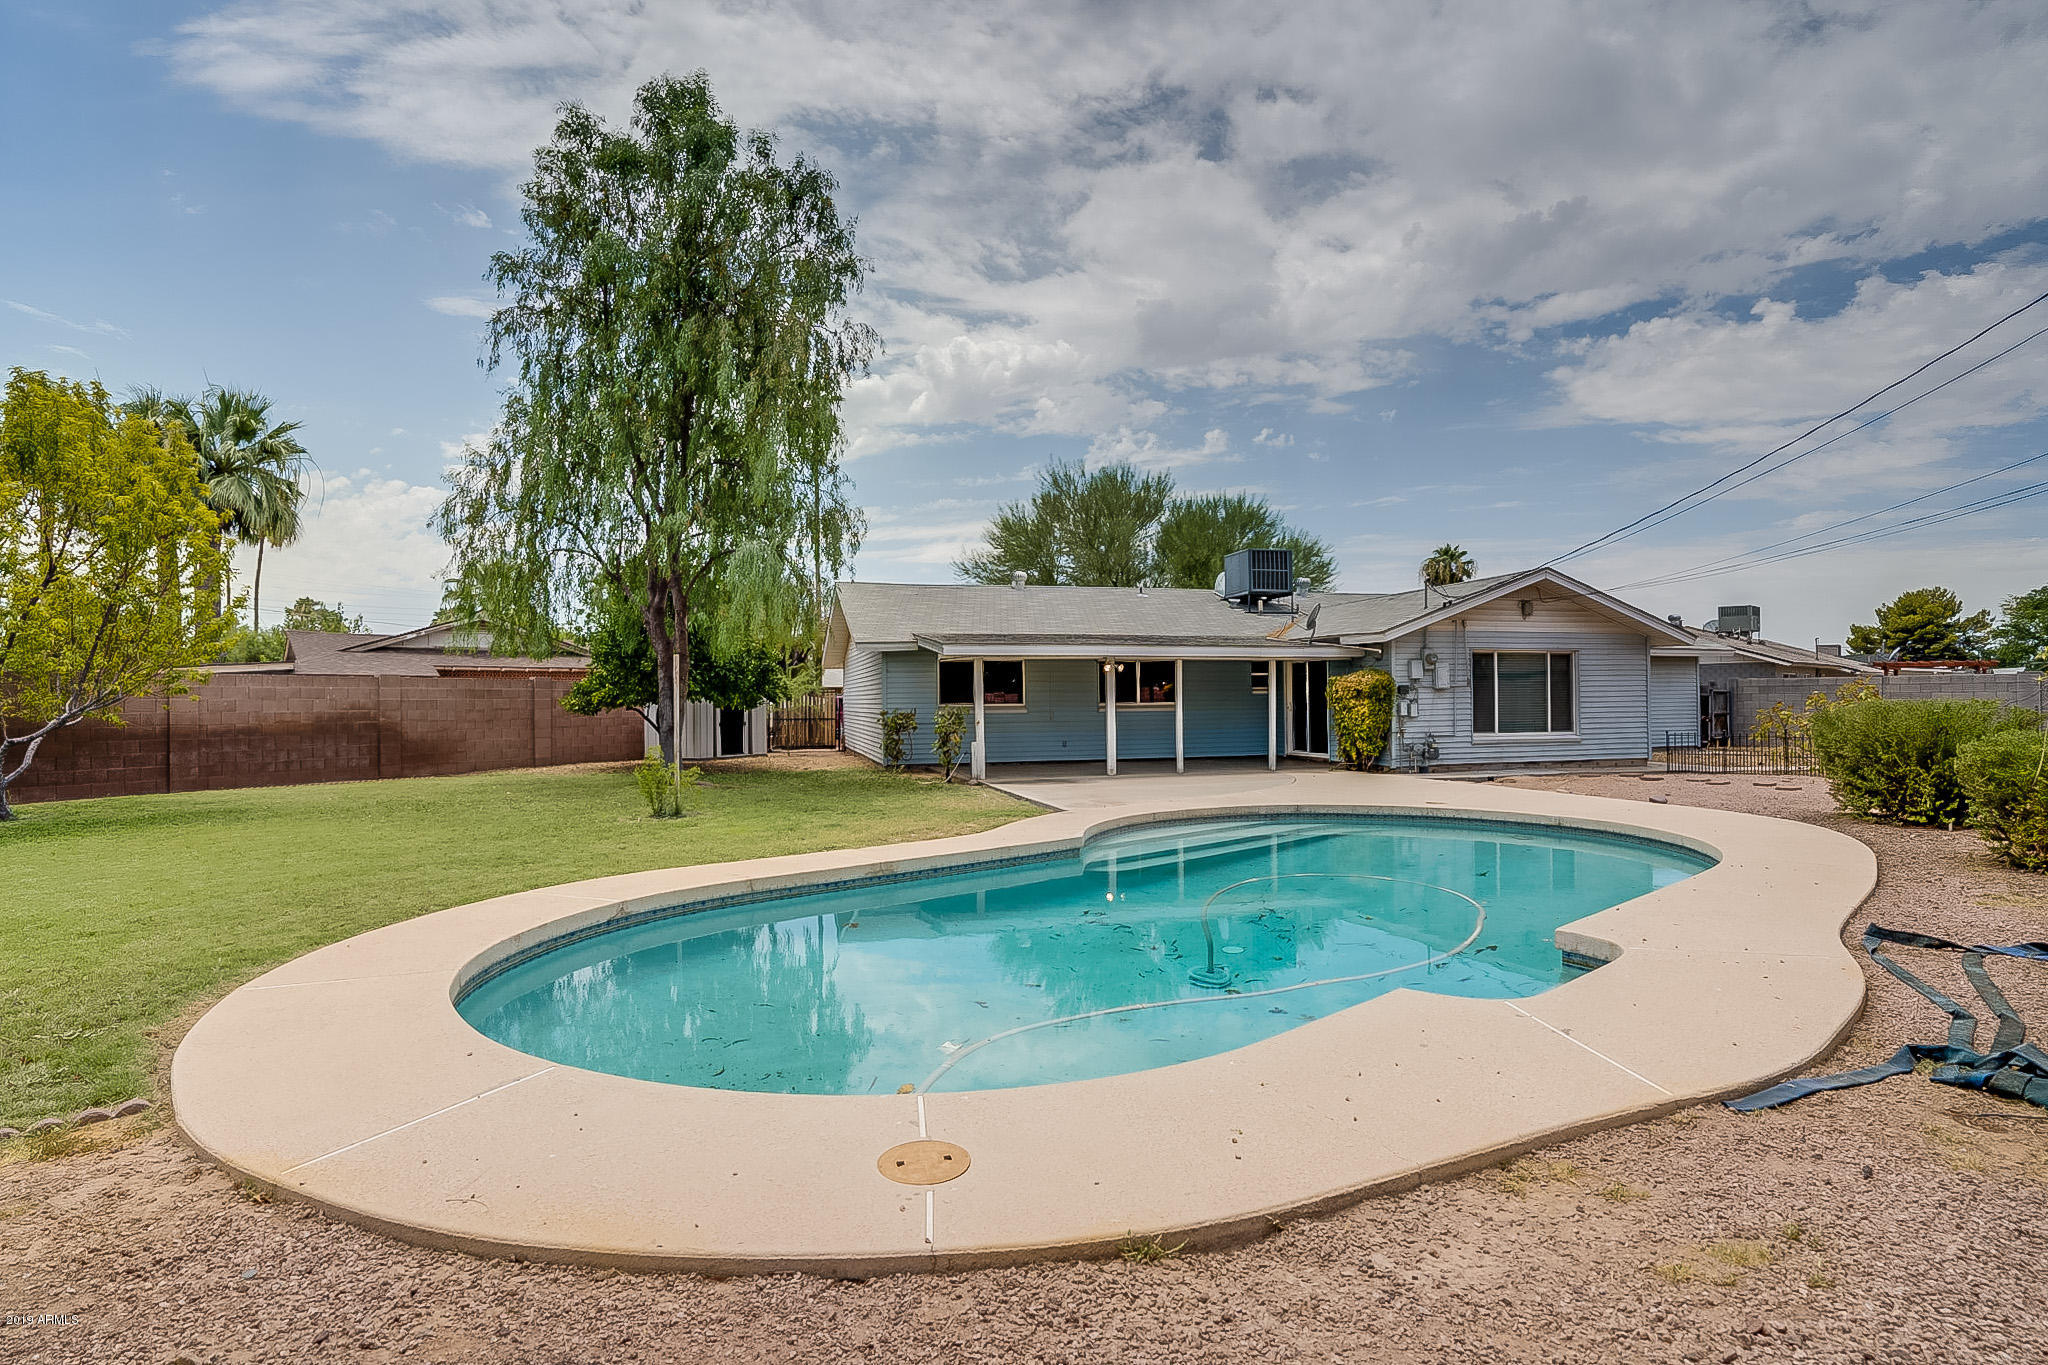 MLS 5955024 8752 E PALM Lane, Scottsdale, AZ 85257 Scottsdale AZ Private Pool